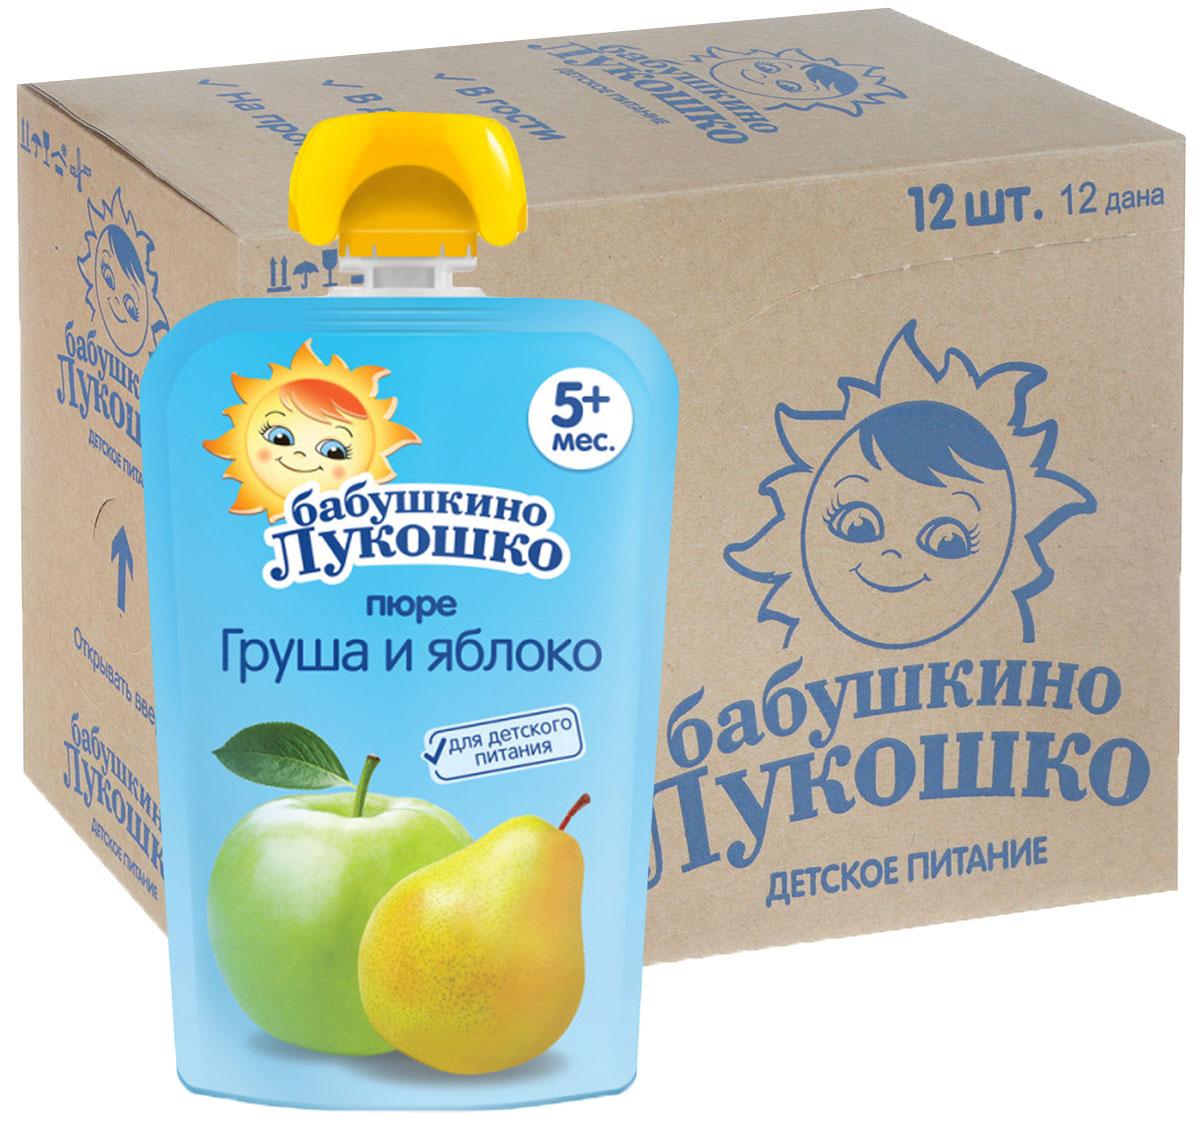 Бабушкино лукошко Груша Яблоко пюре с 5 месяцев, 12 шт по 90 г бабушкино лукошко морковь яблоко пюре с 5 месяцев 100 г 6 шт